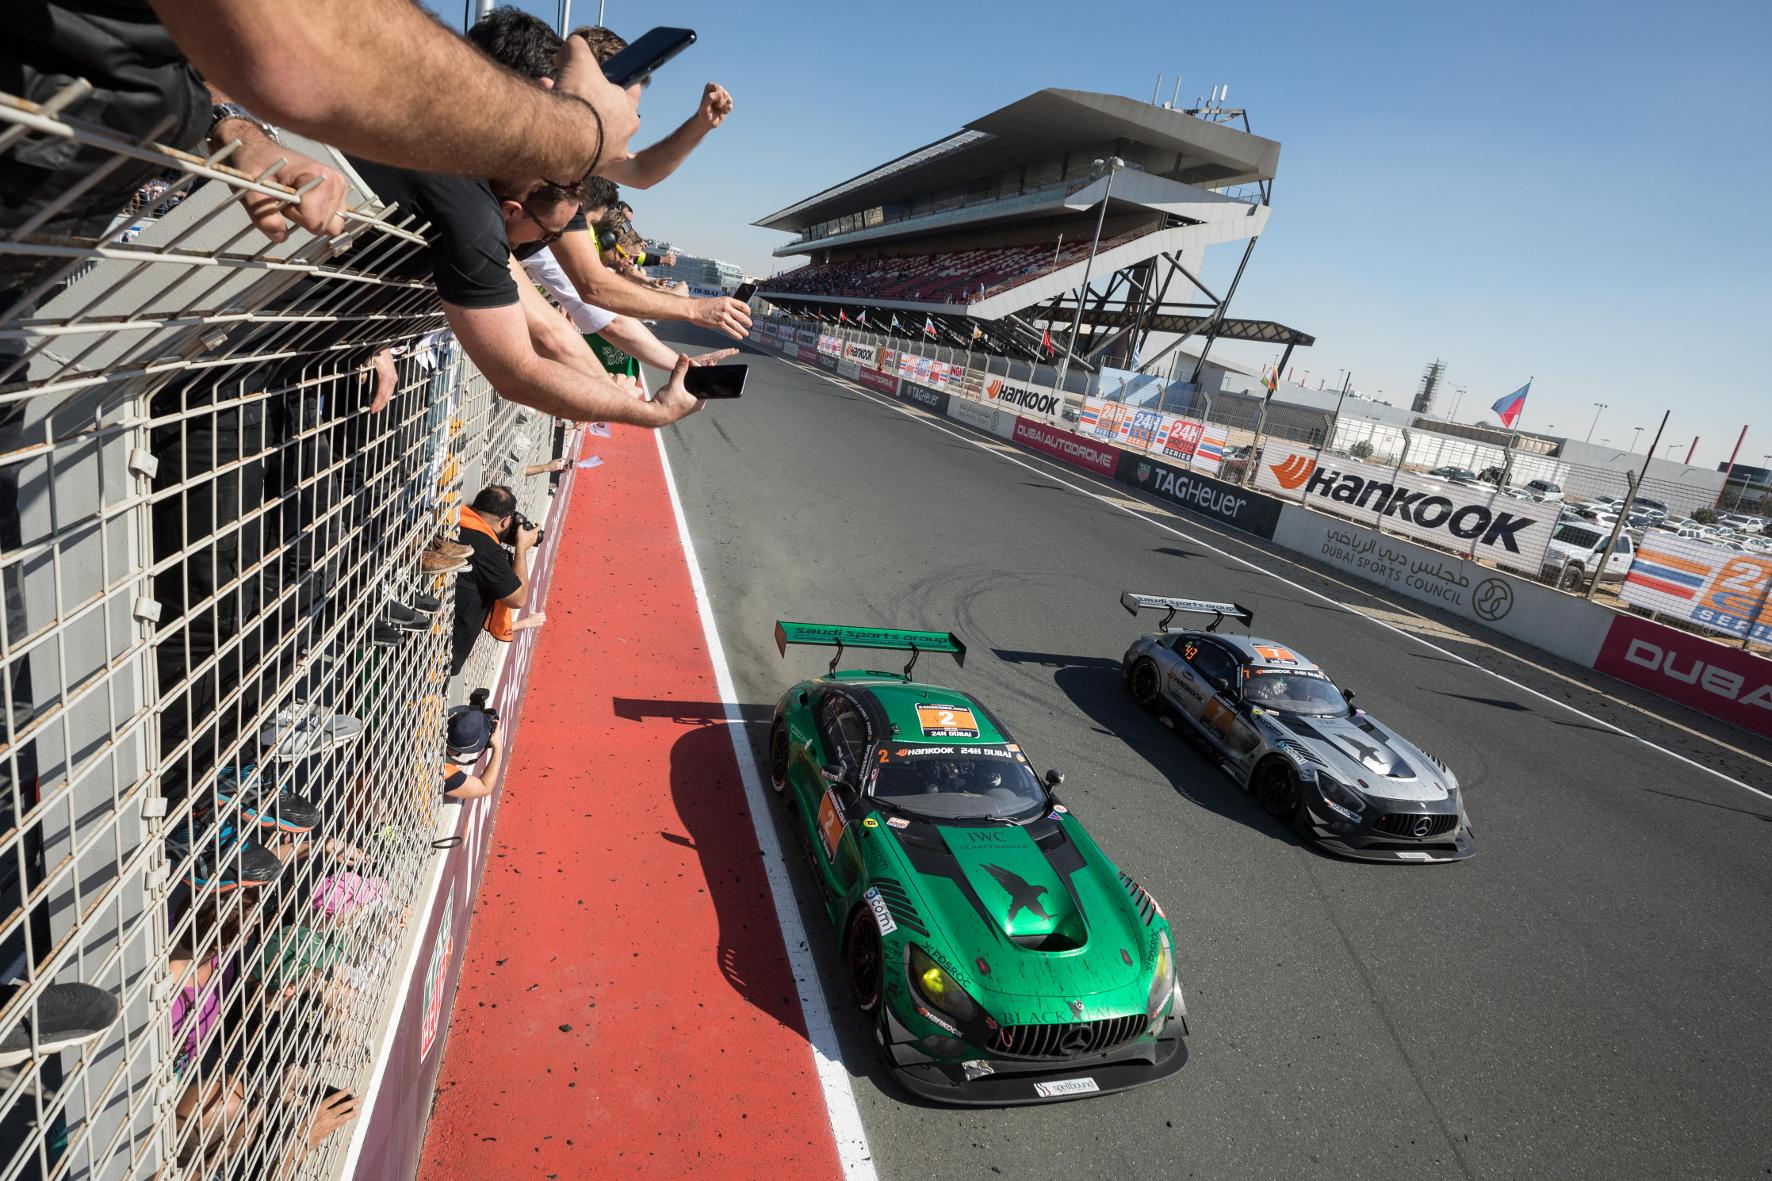 Motorsport: Beim 24-Stunden-Rennen in Dubai strahlt der Stern in der Wüste